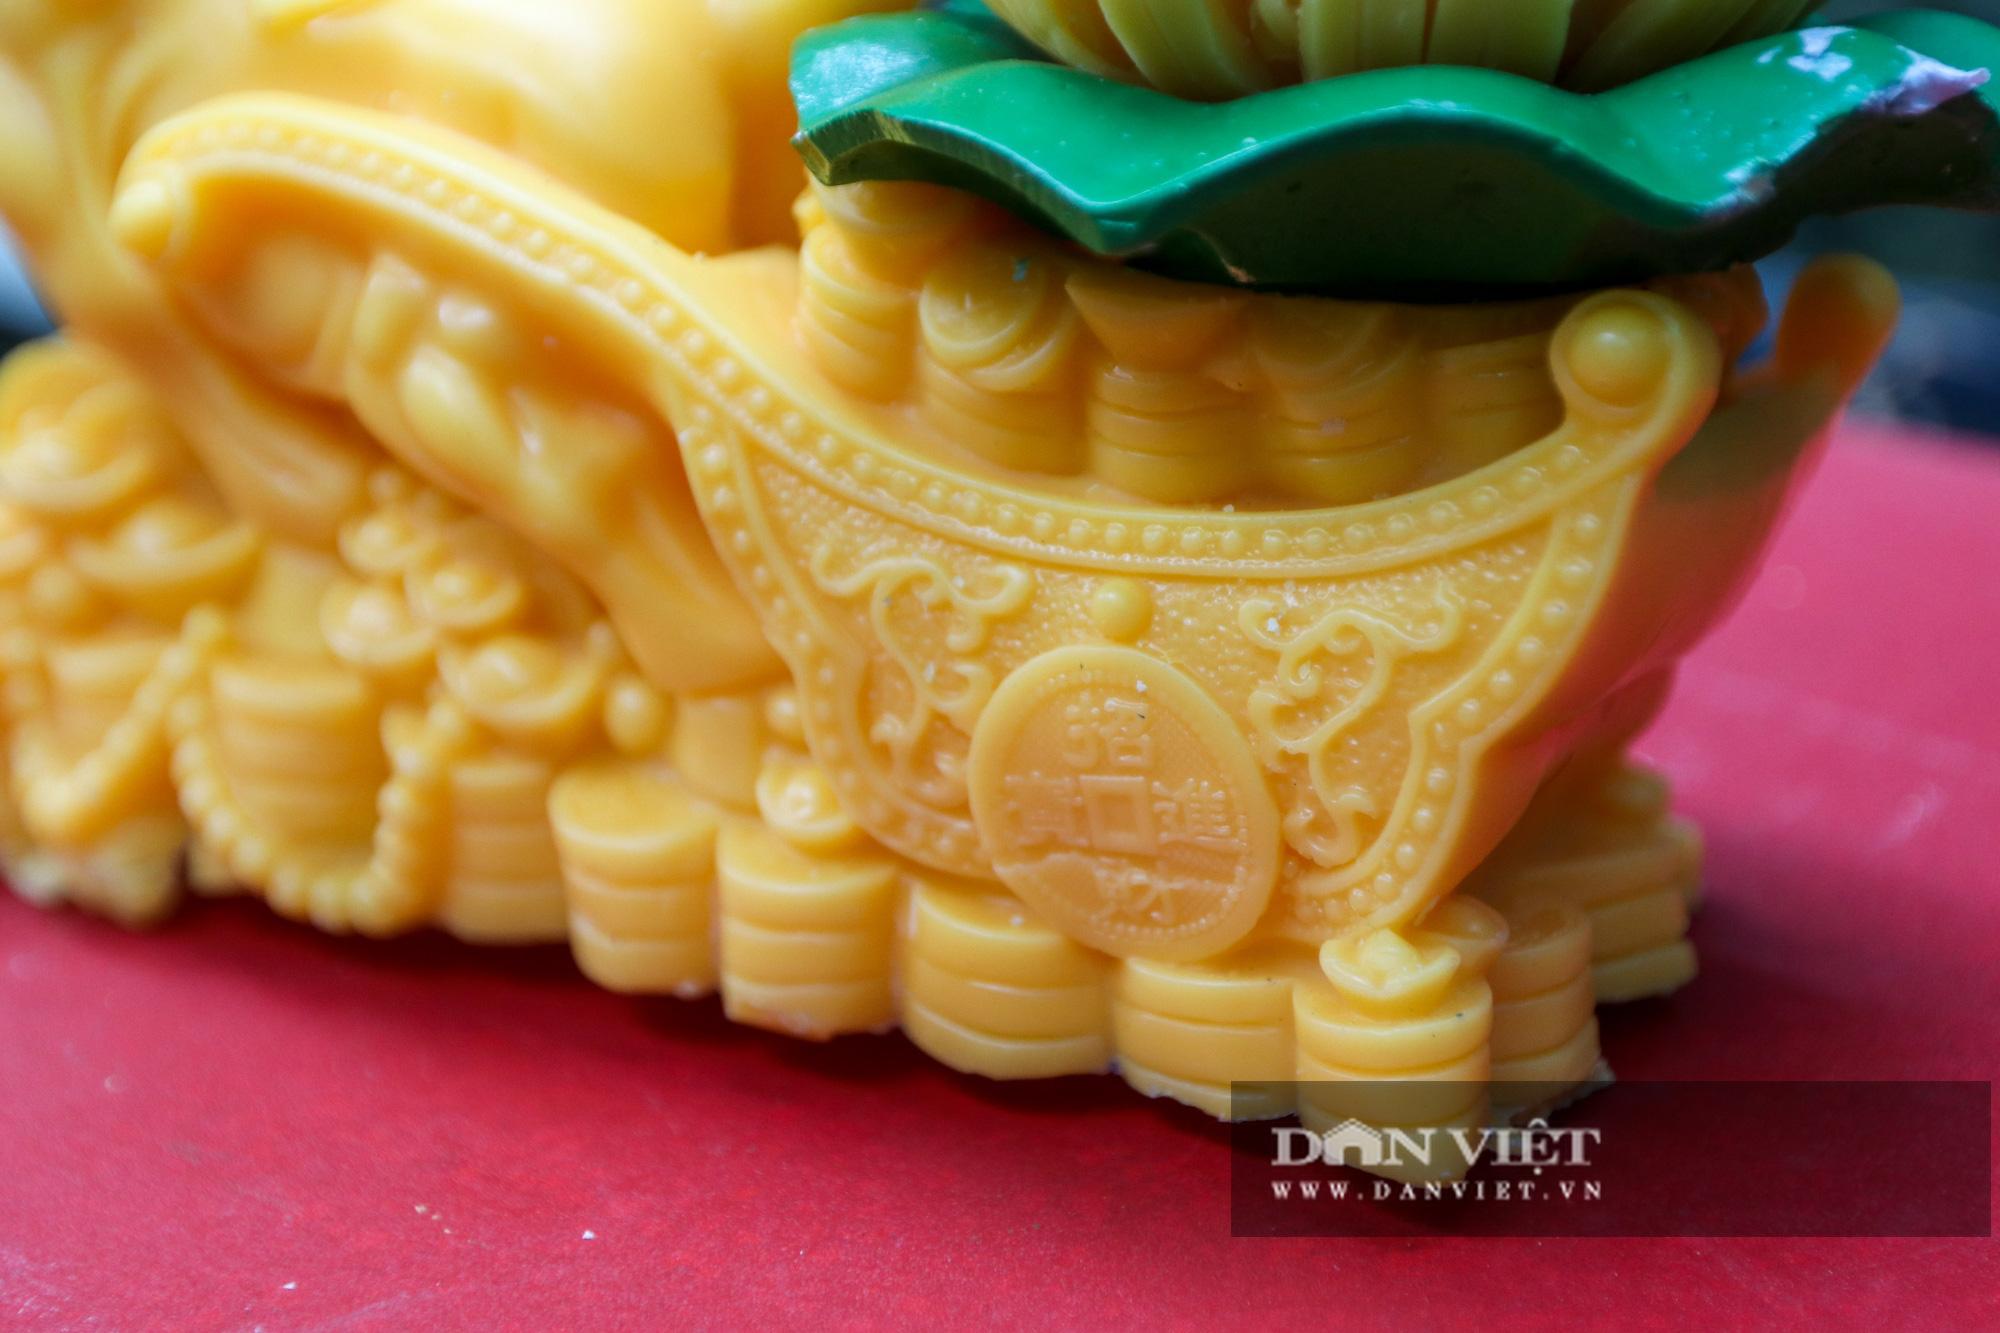 Độc đáo nến trâu vàng hút người mua chơi Tết Tân Sửu - Ảnh 5.